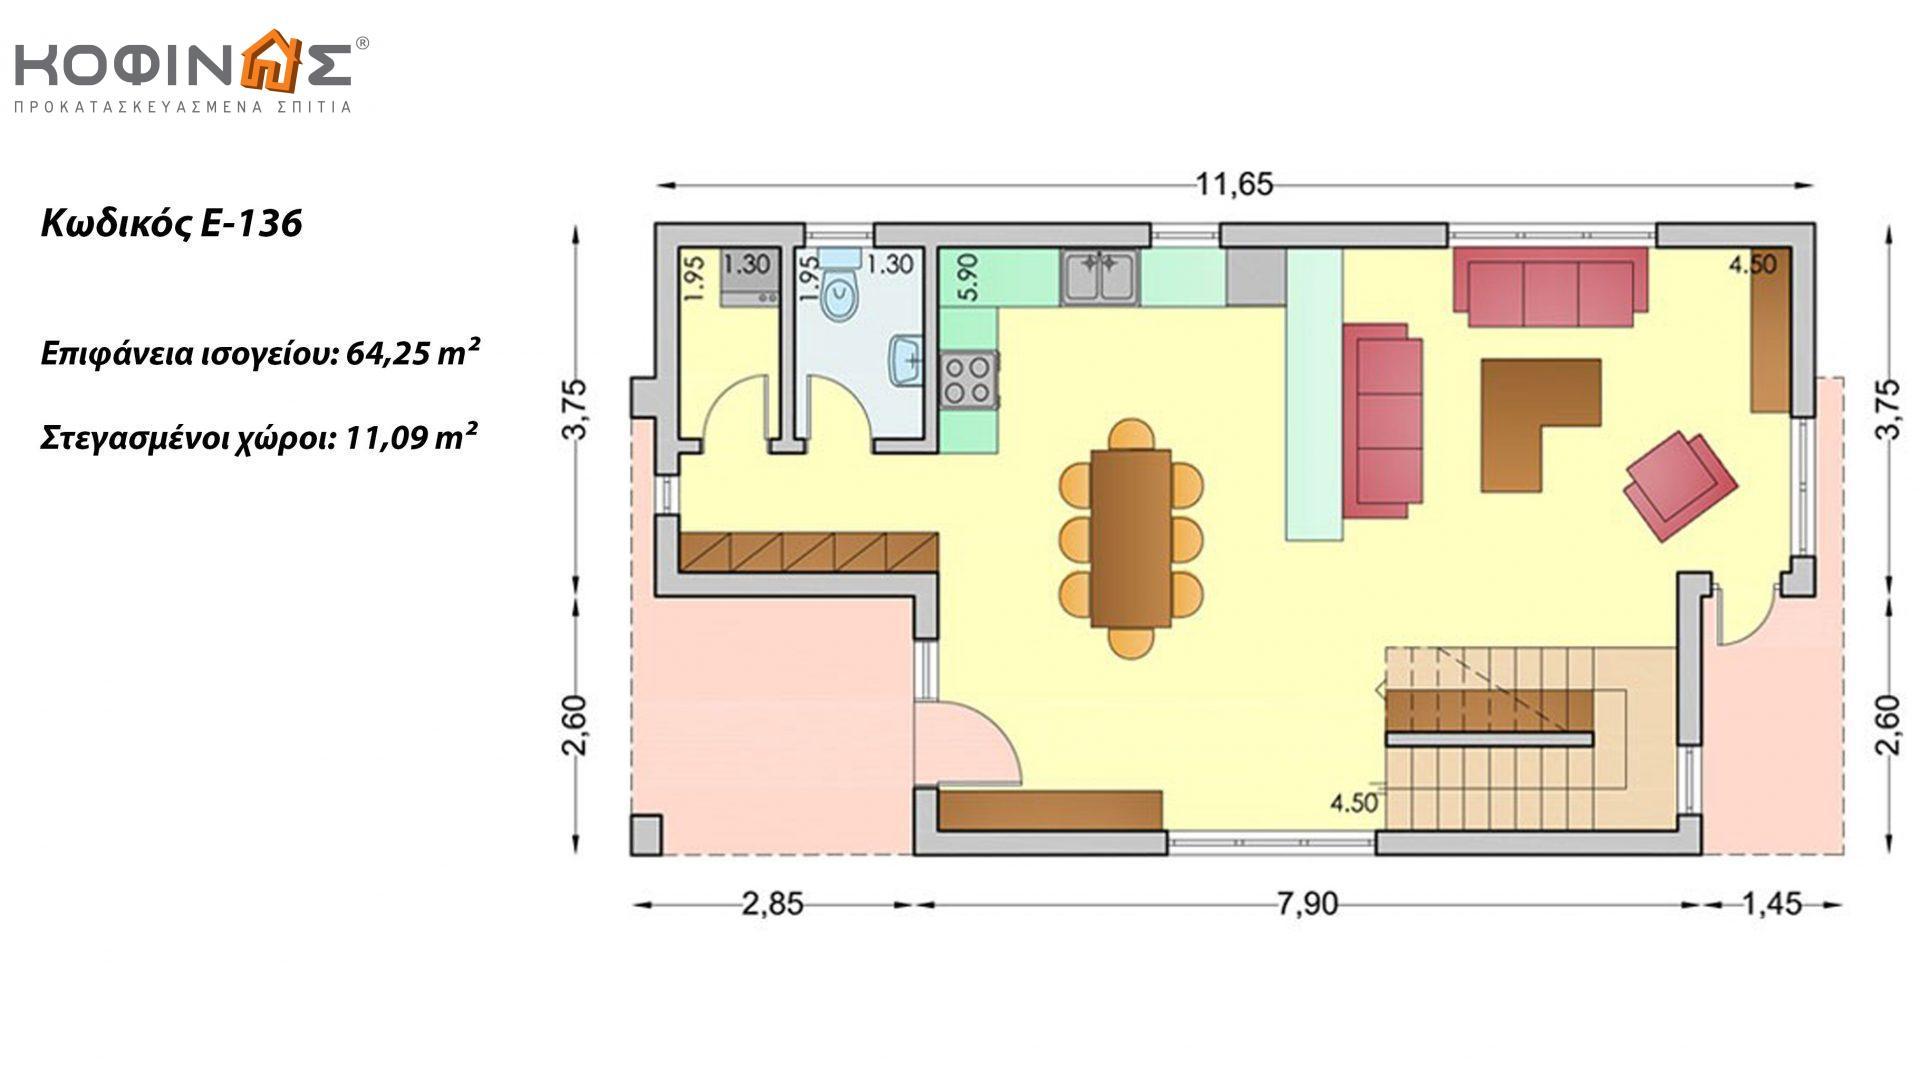 Συγκρότημα κατοικιών E-136, συνολικής επιφάνειας 3 x 136,39 = 409,17 τ.μ., συνολική επιφάνεια στεγασμένων χώρων 14,8 τ.μ.